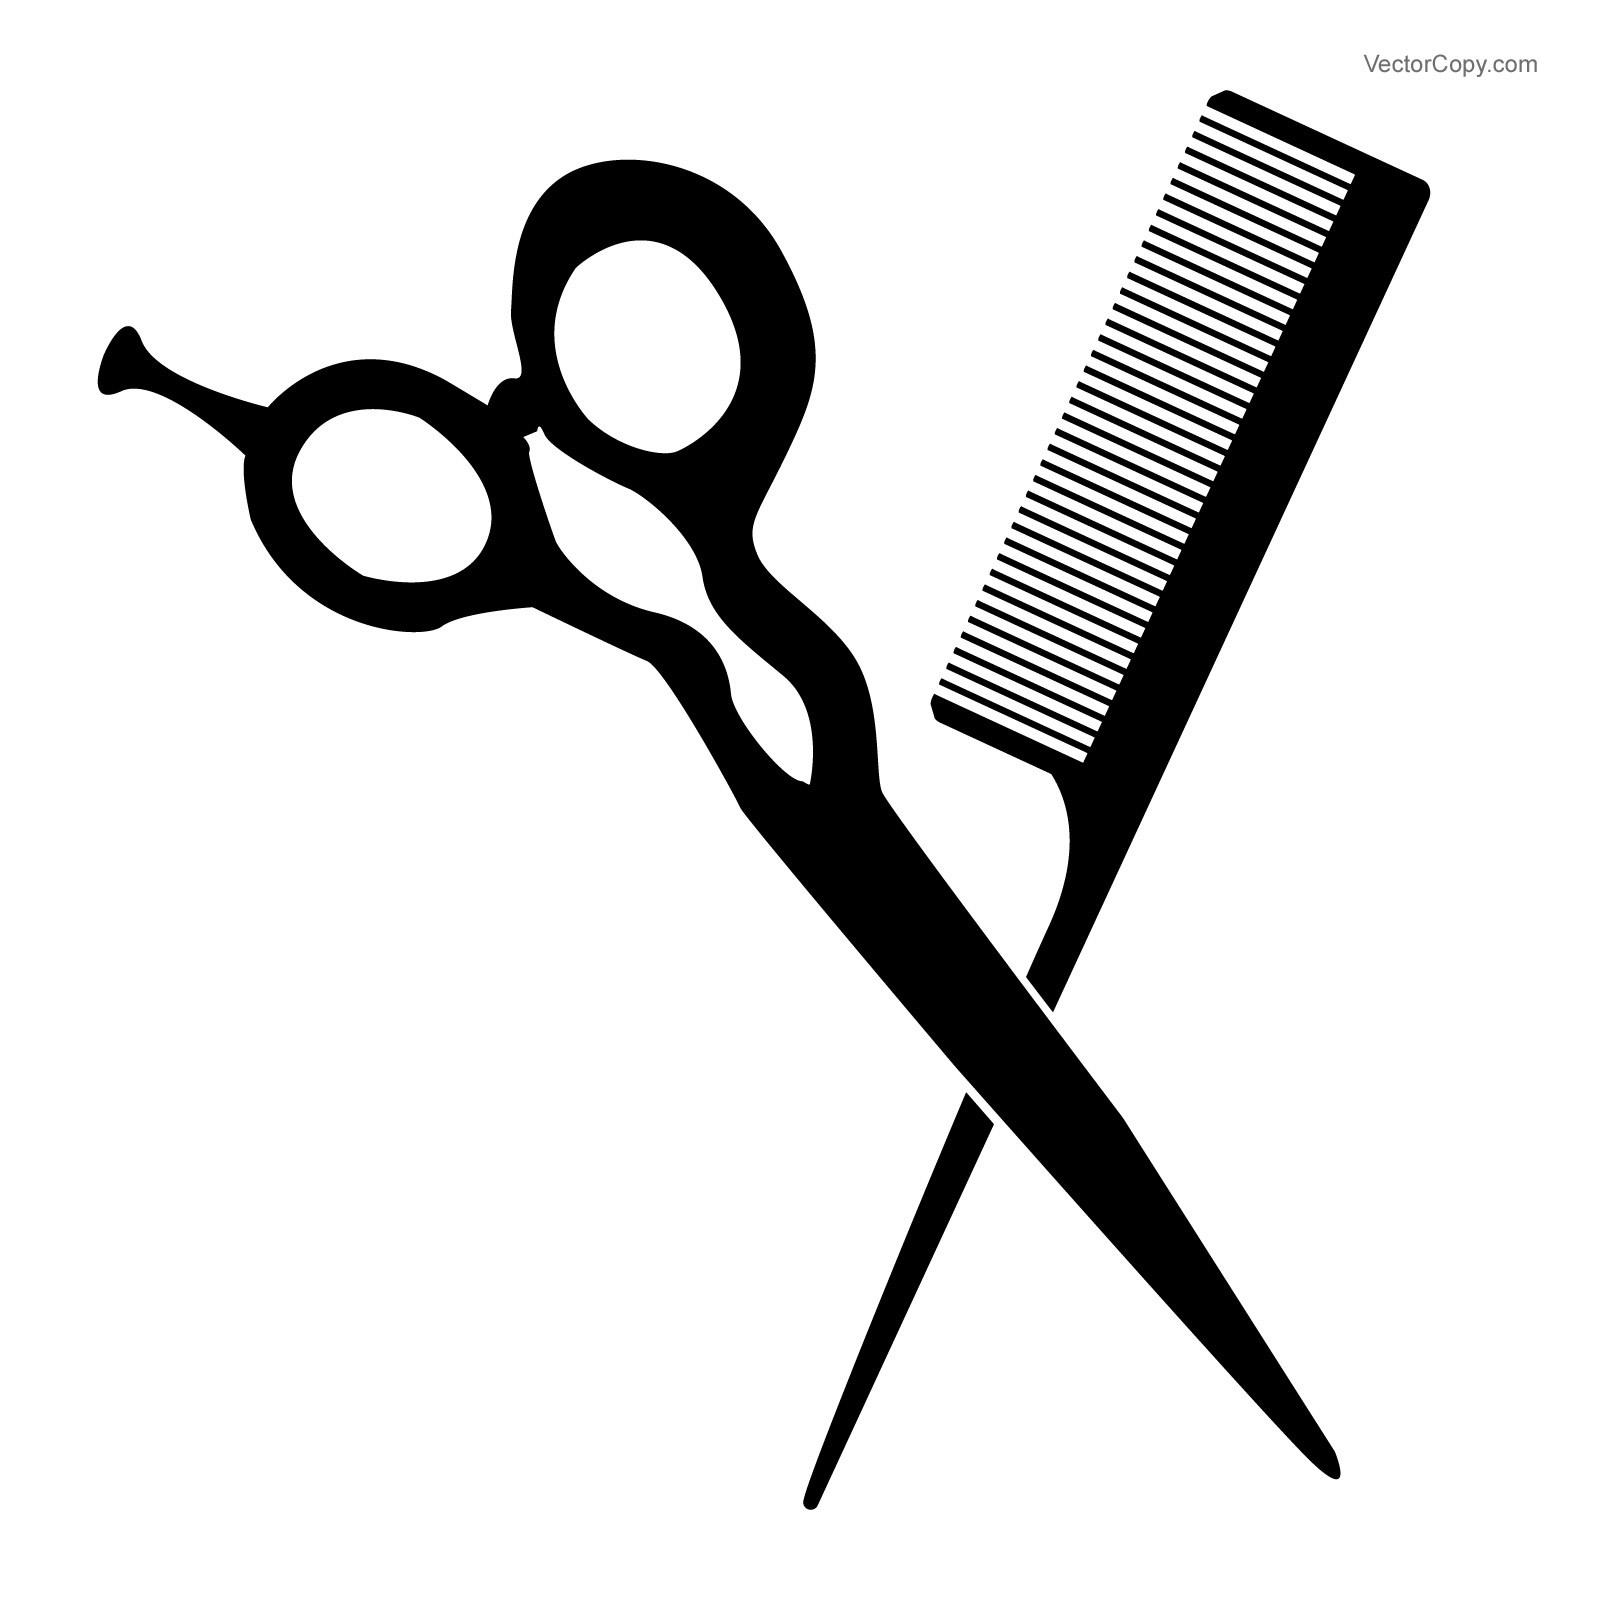 Scissors comb clipart 4 » Clipart Portal.